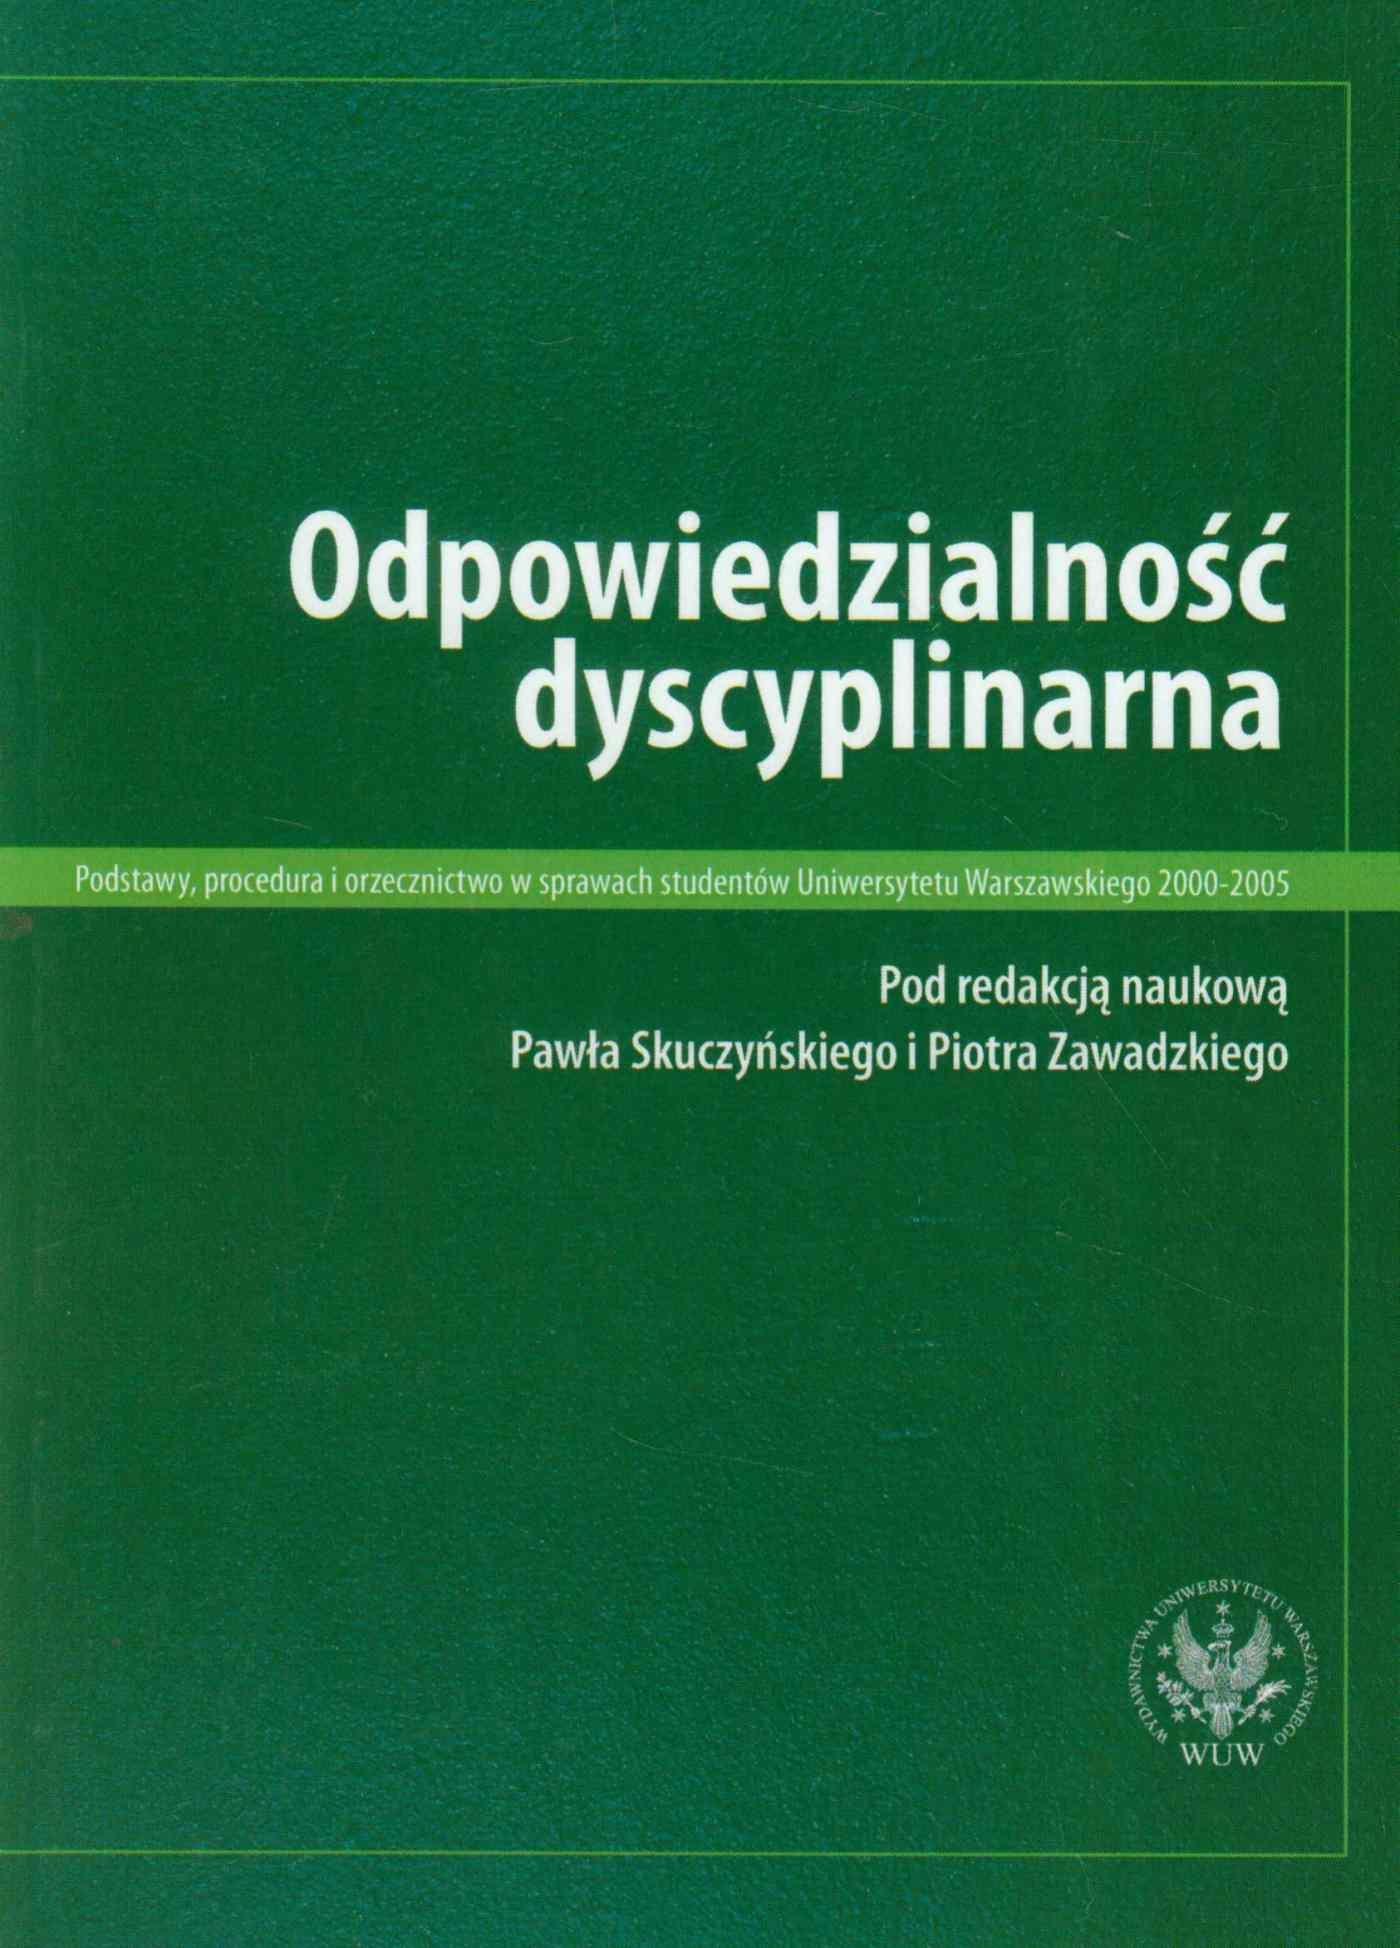 Odpowiedzialność dyscyplinarna - Ebook (Książka PDF) do pobrania w formacie PDF